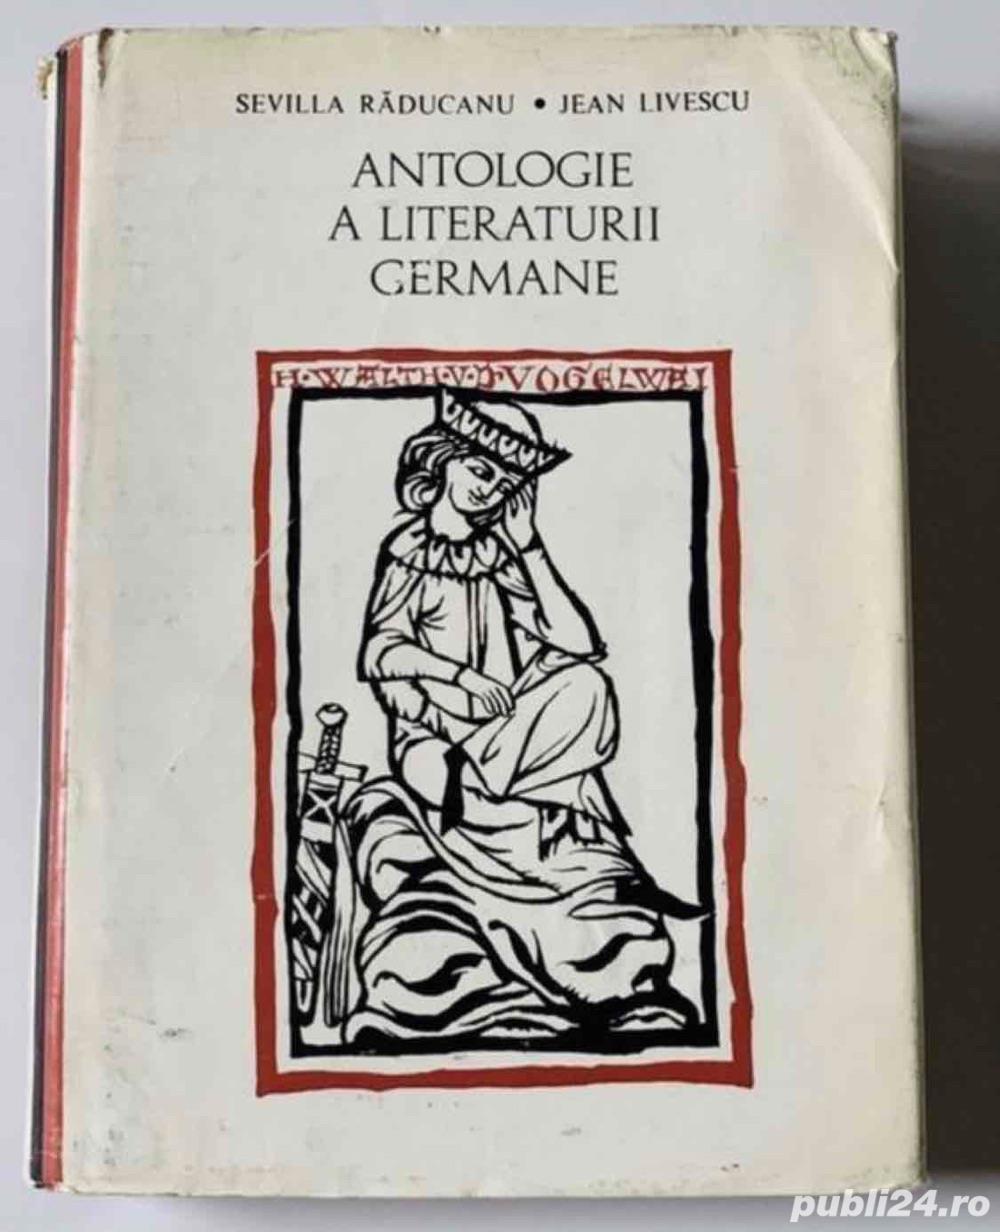 Antologie a literaturii germane, de Sevilla Raducanu, Jean Livrescu